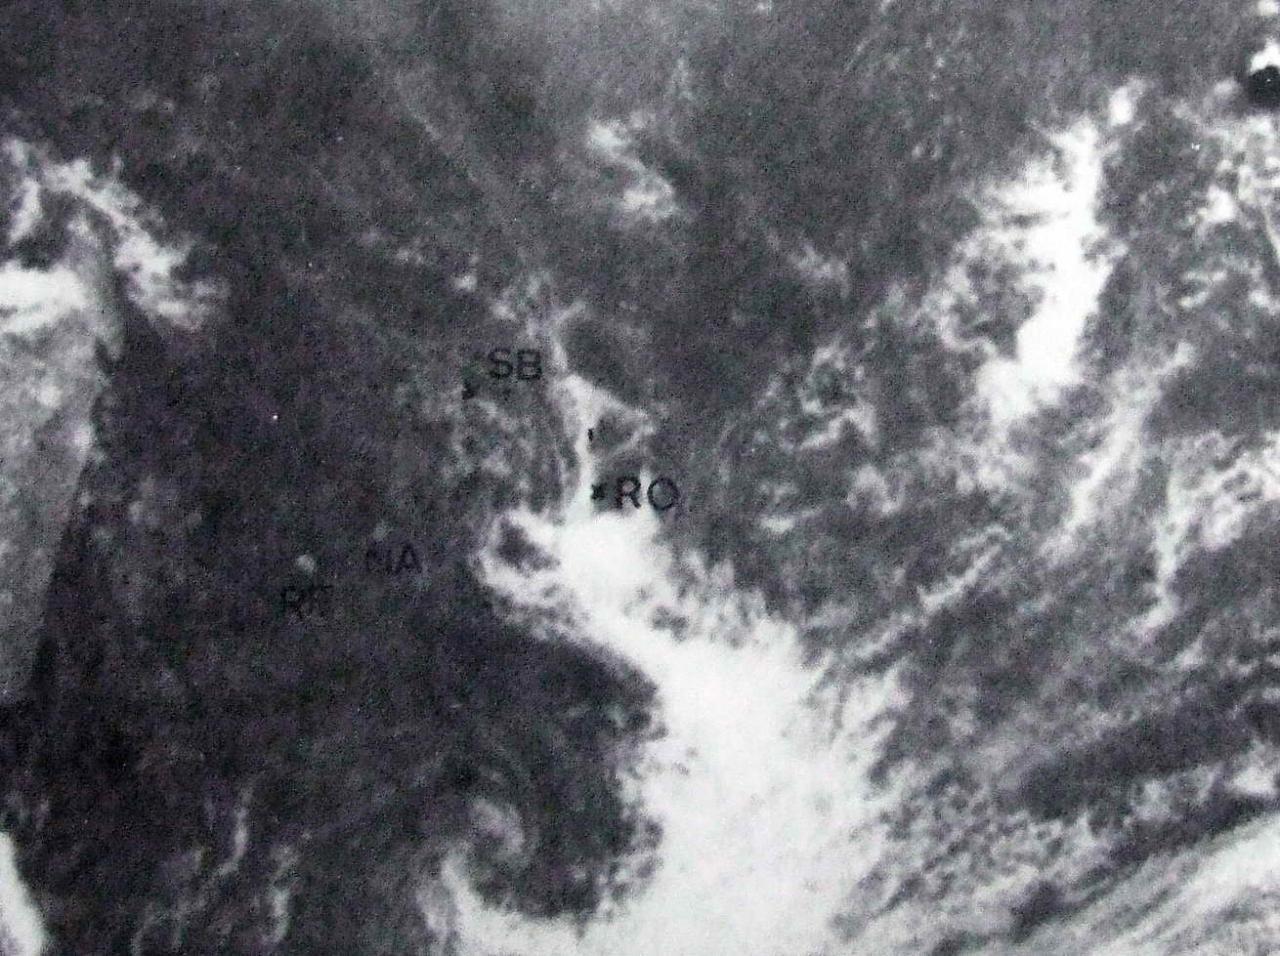 28 mars 79 0600utc (Météo France)